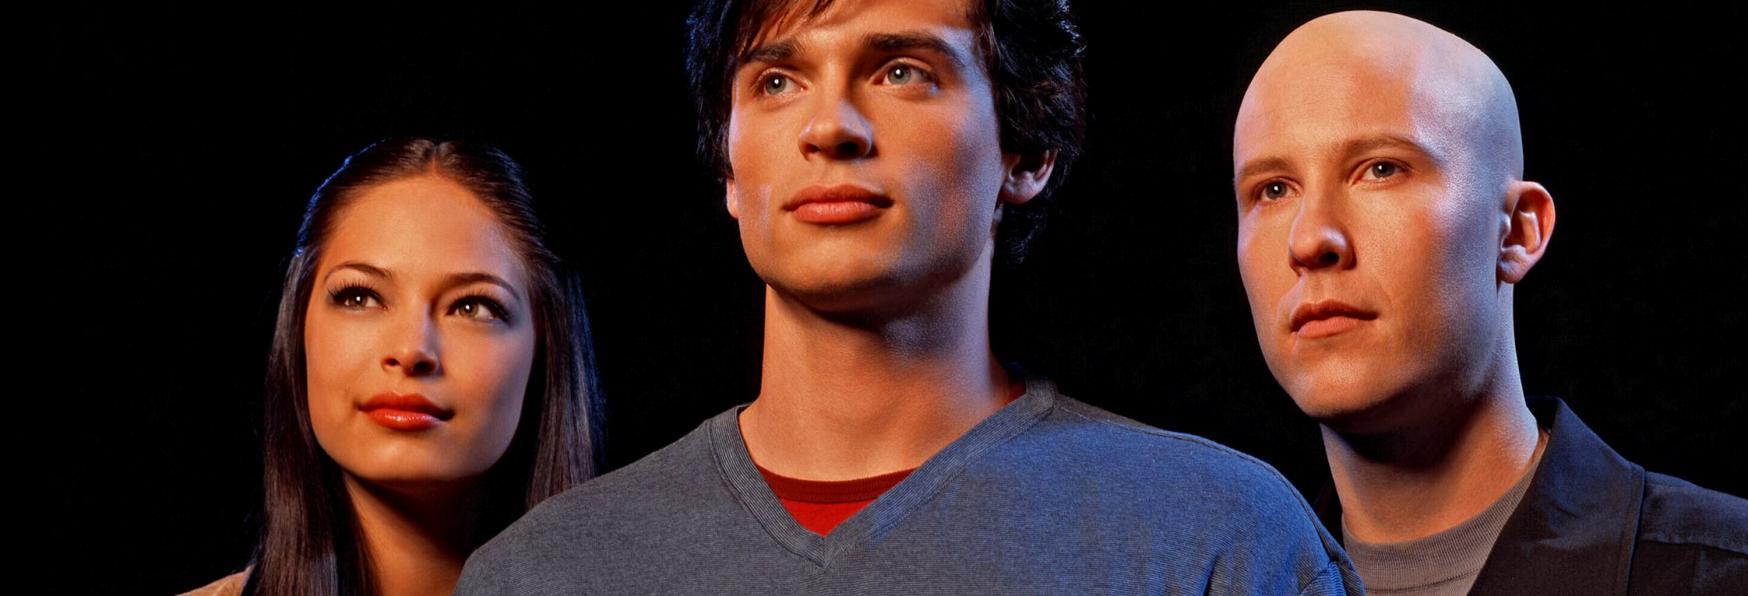 Smallville: Recensione della famosa Serie TV di Supereroi, con Tom Welling